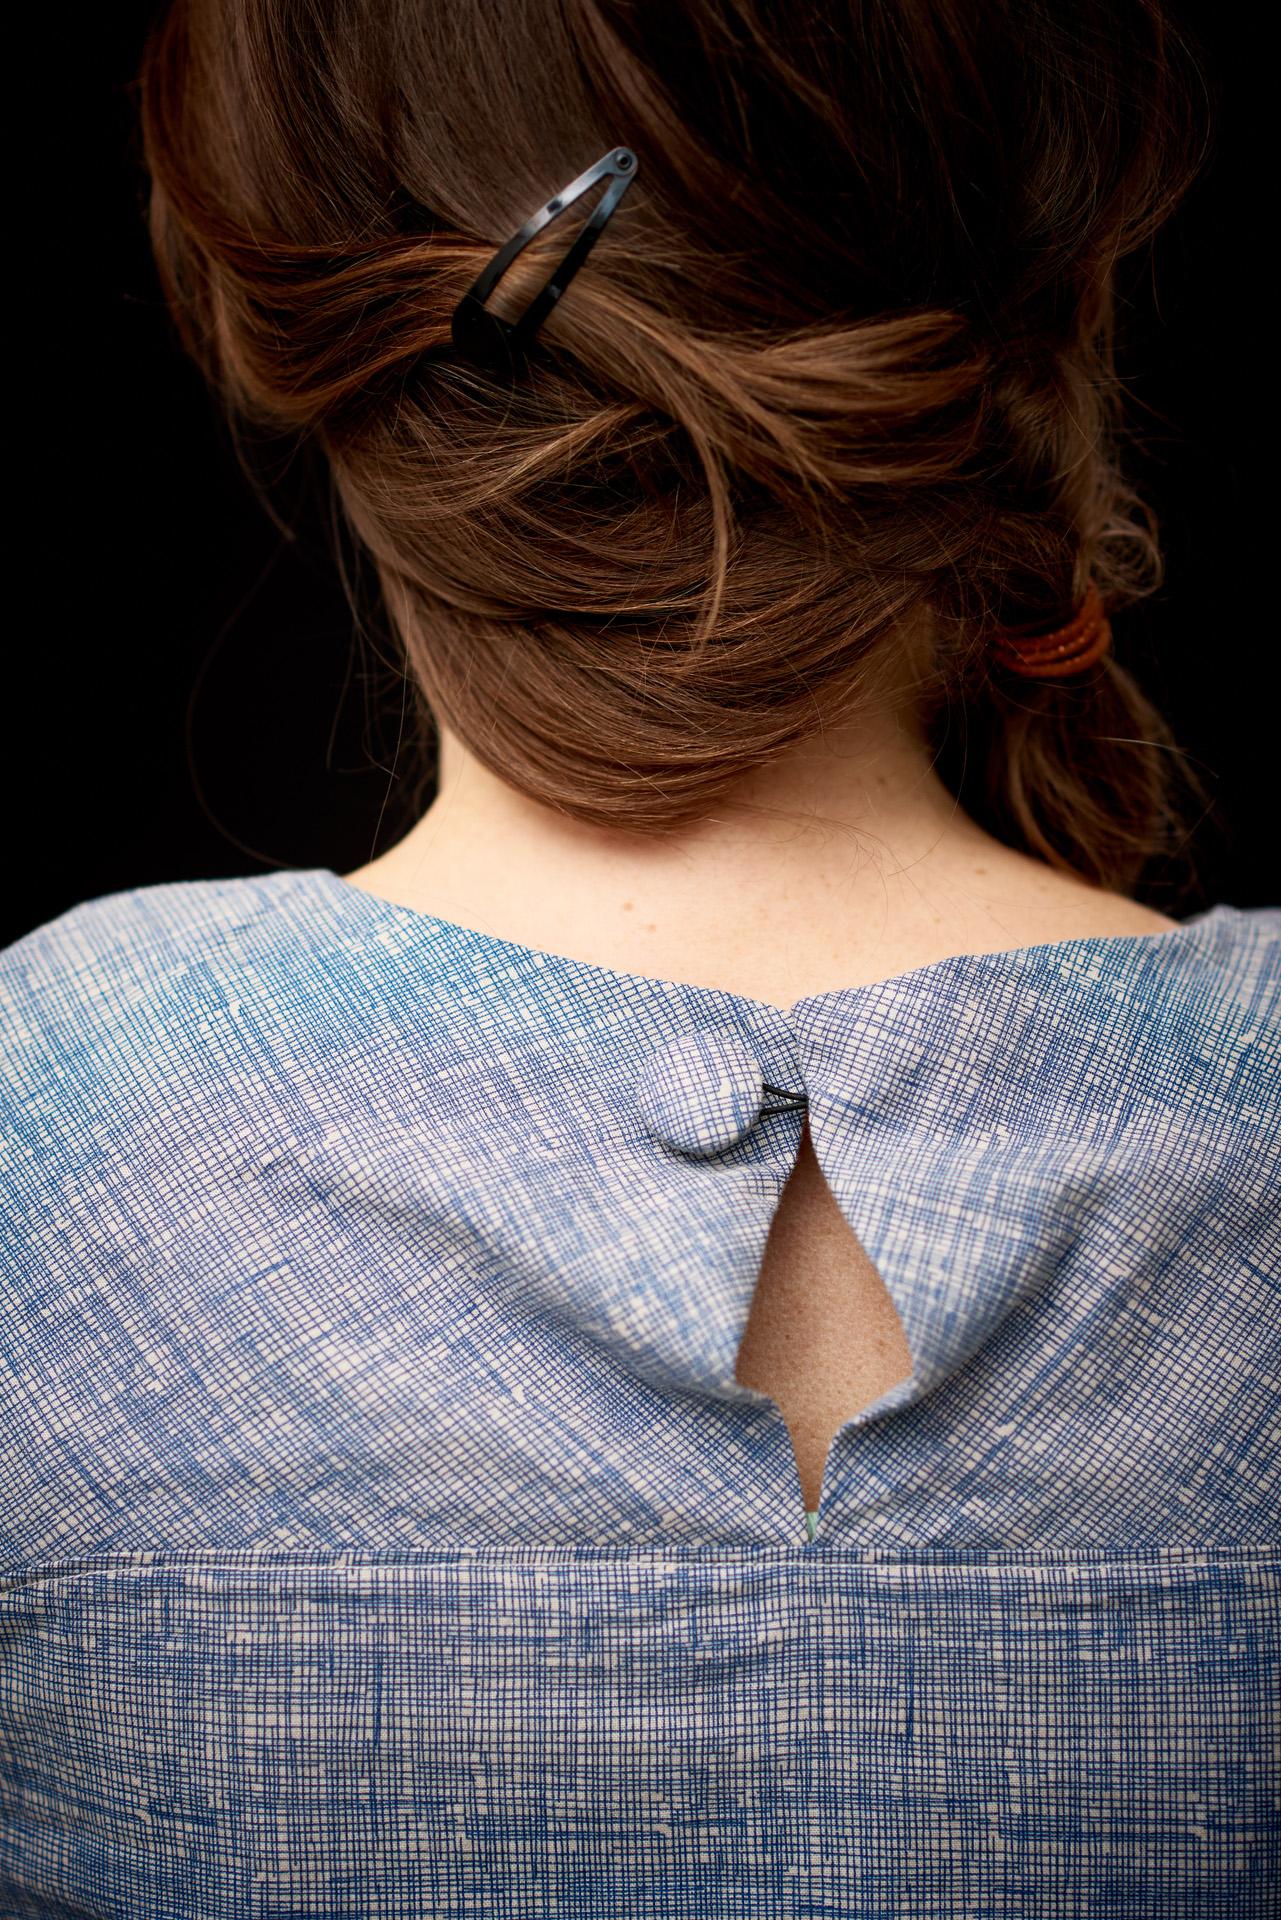 Fashiondetail: Knopf von Bluse